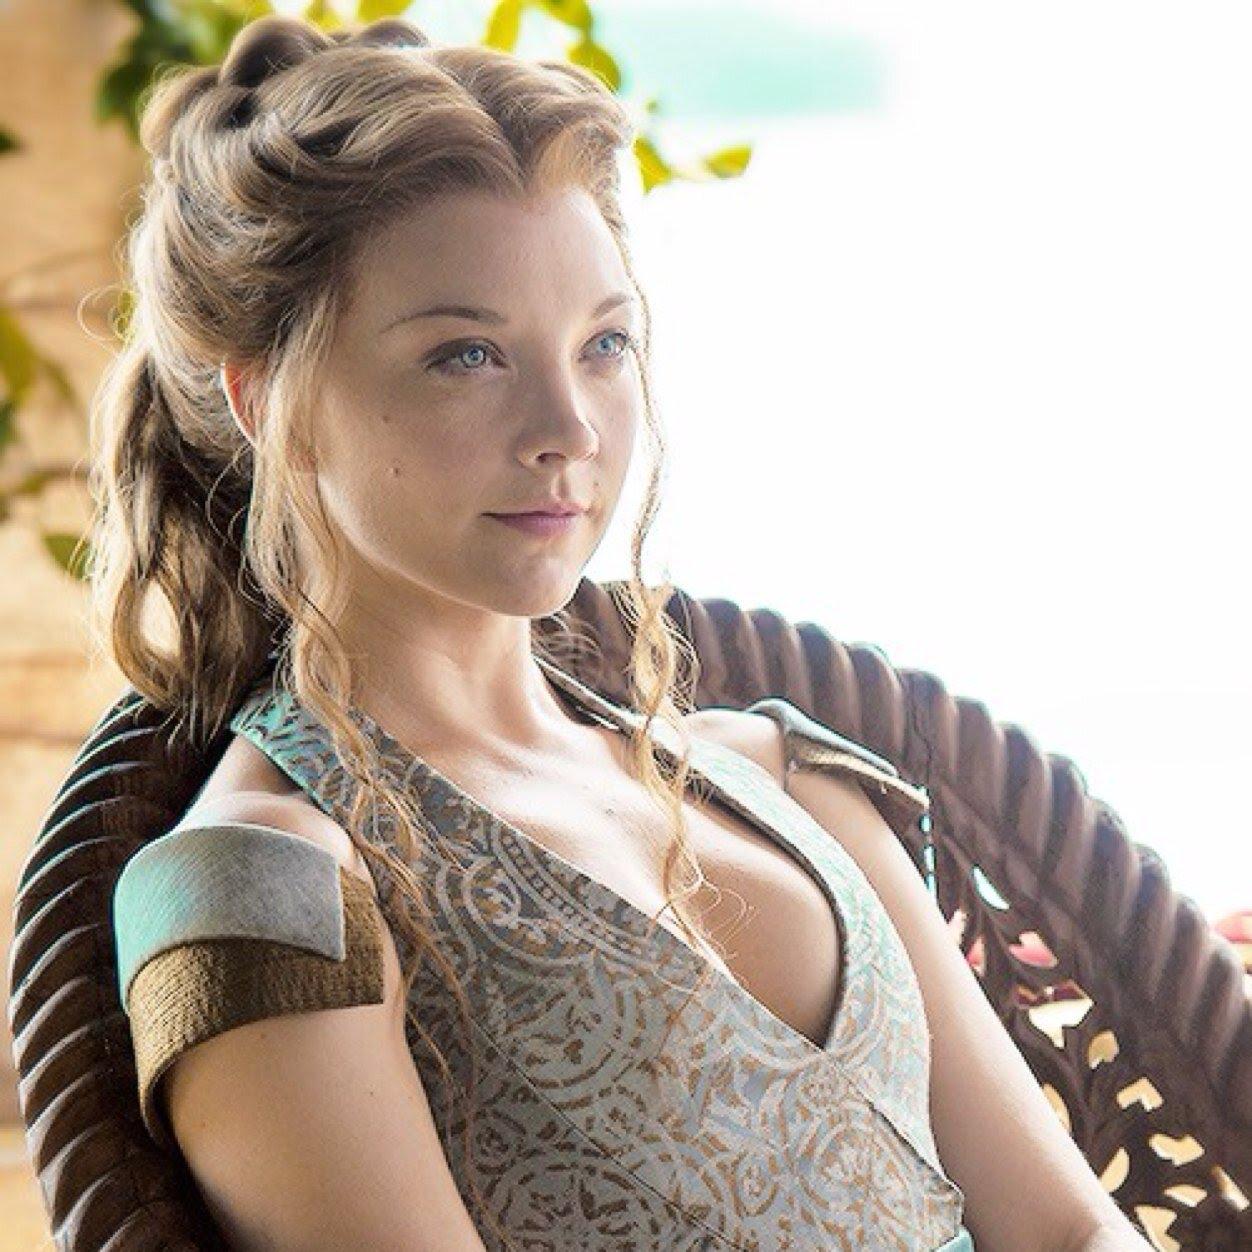 Of thrones margaery hot game Natalie Dormer